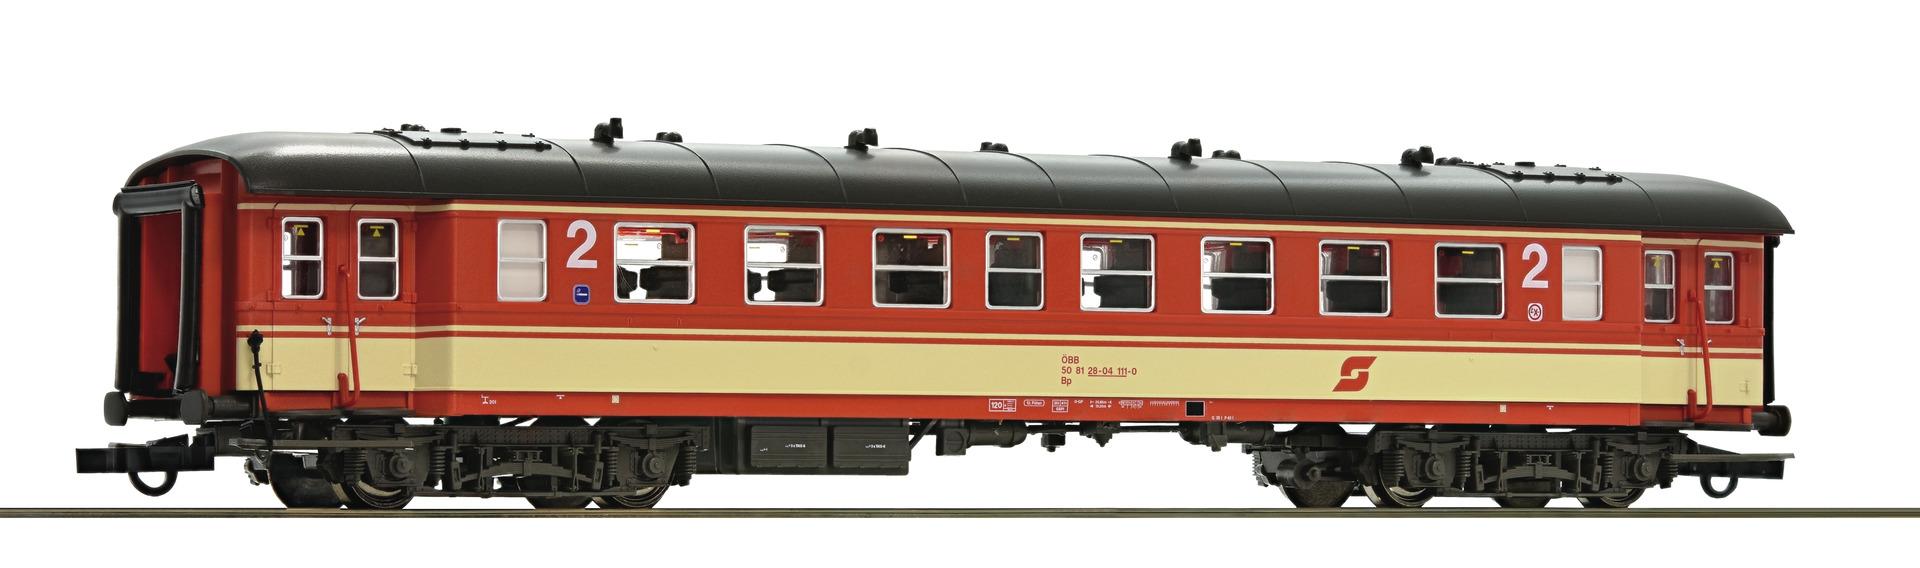 Roco64656 Coach OBB class2